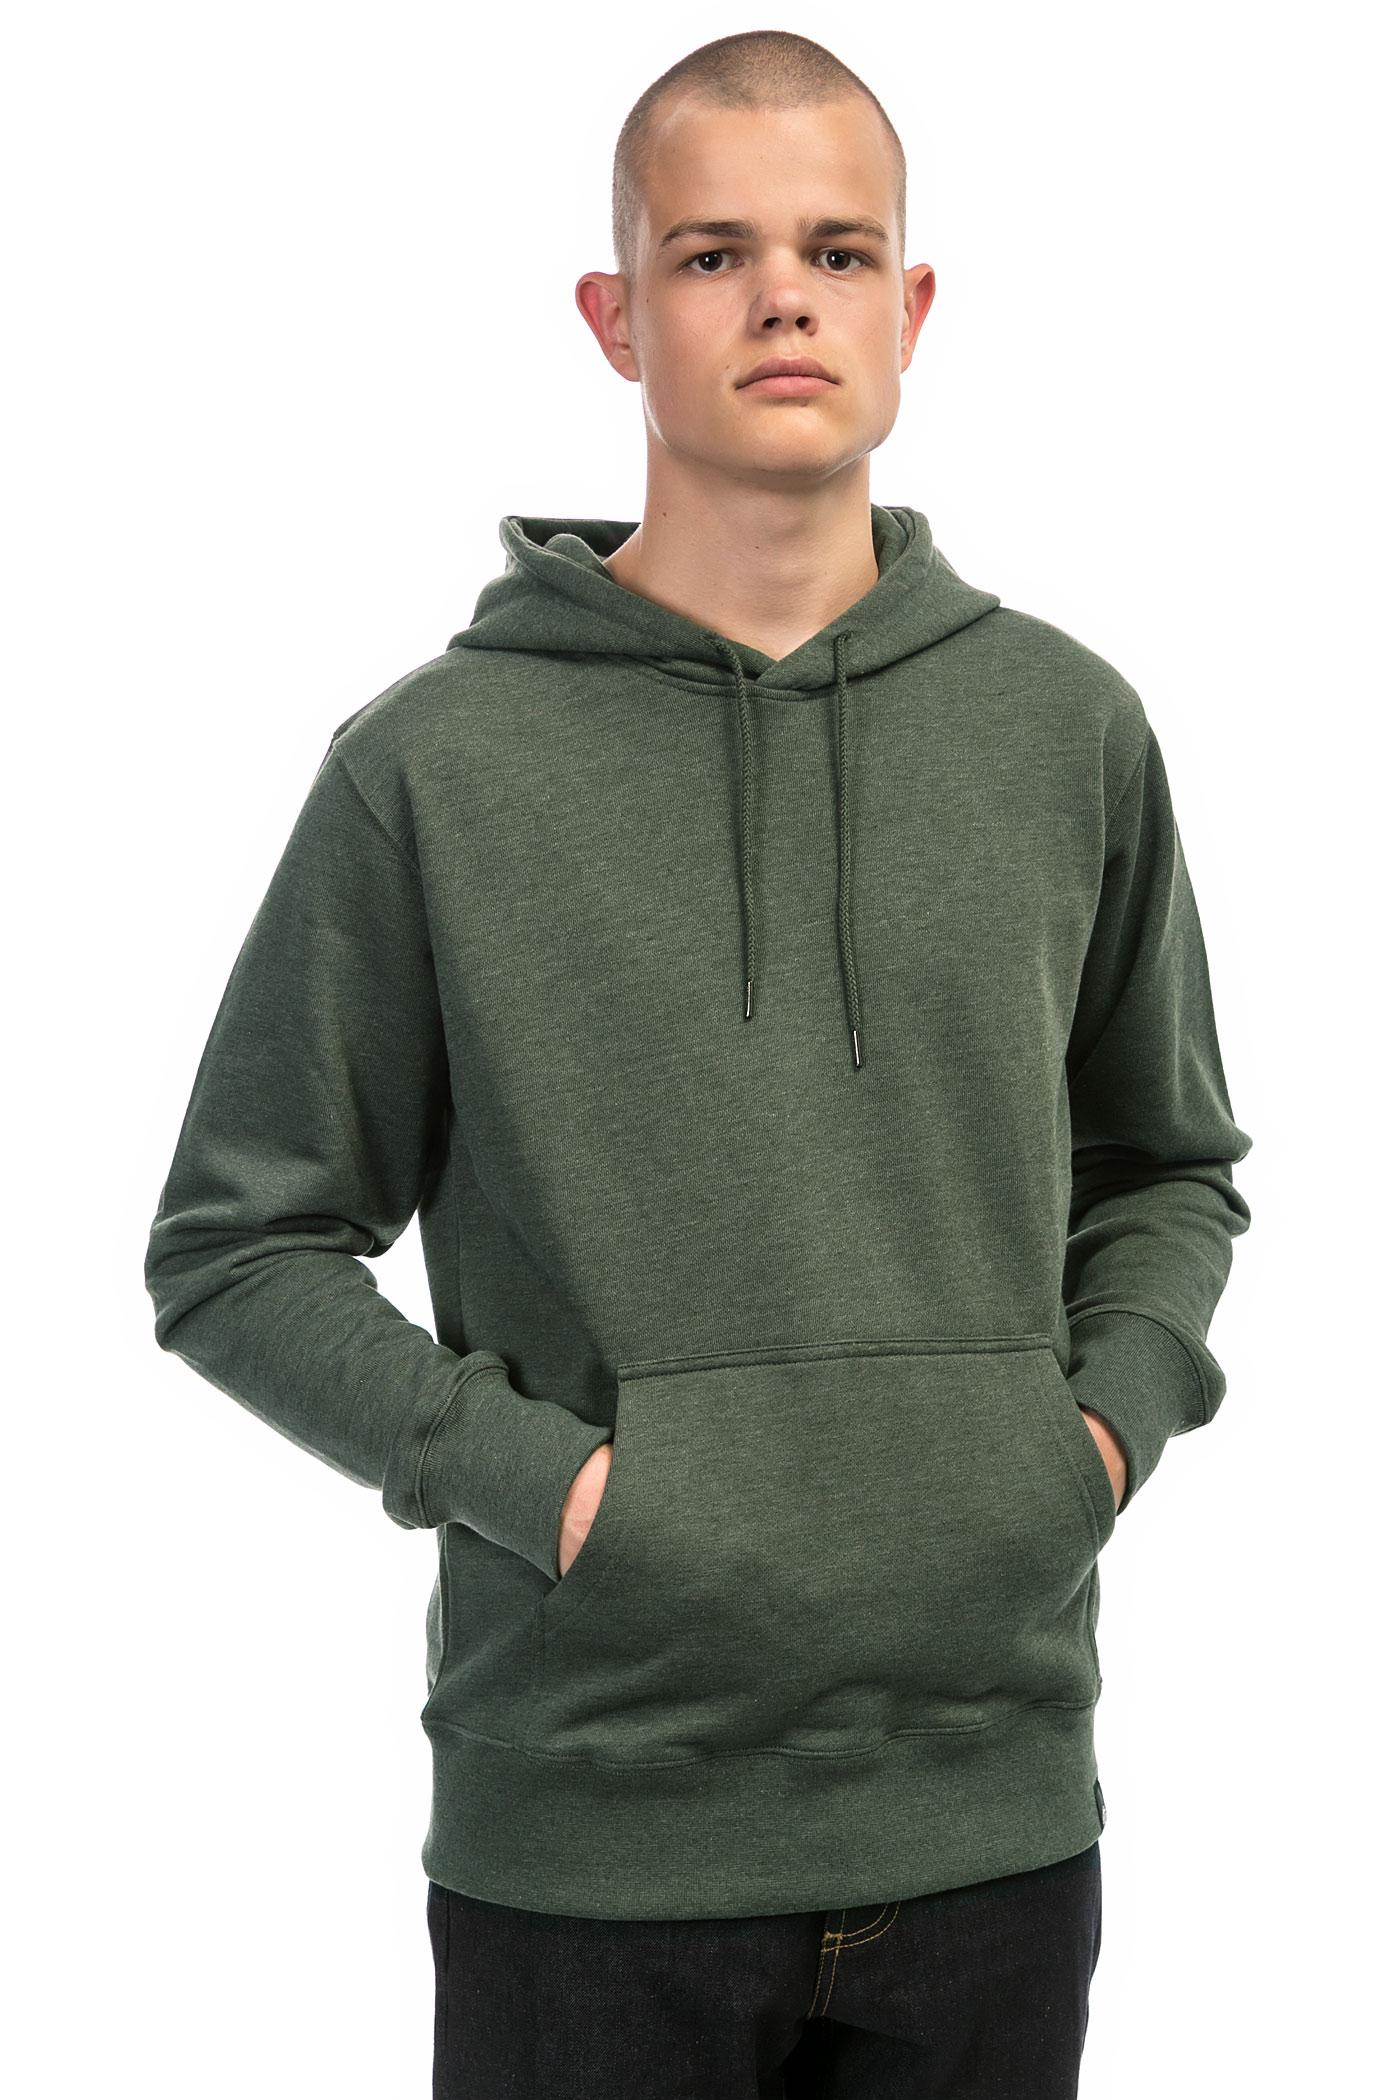 Dickies hoodies